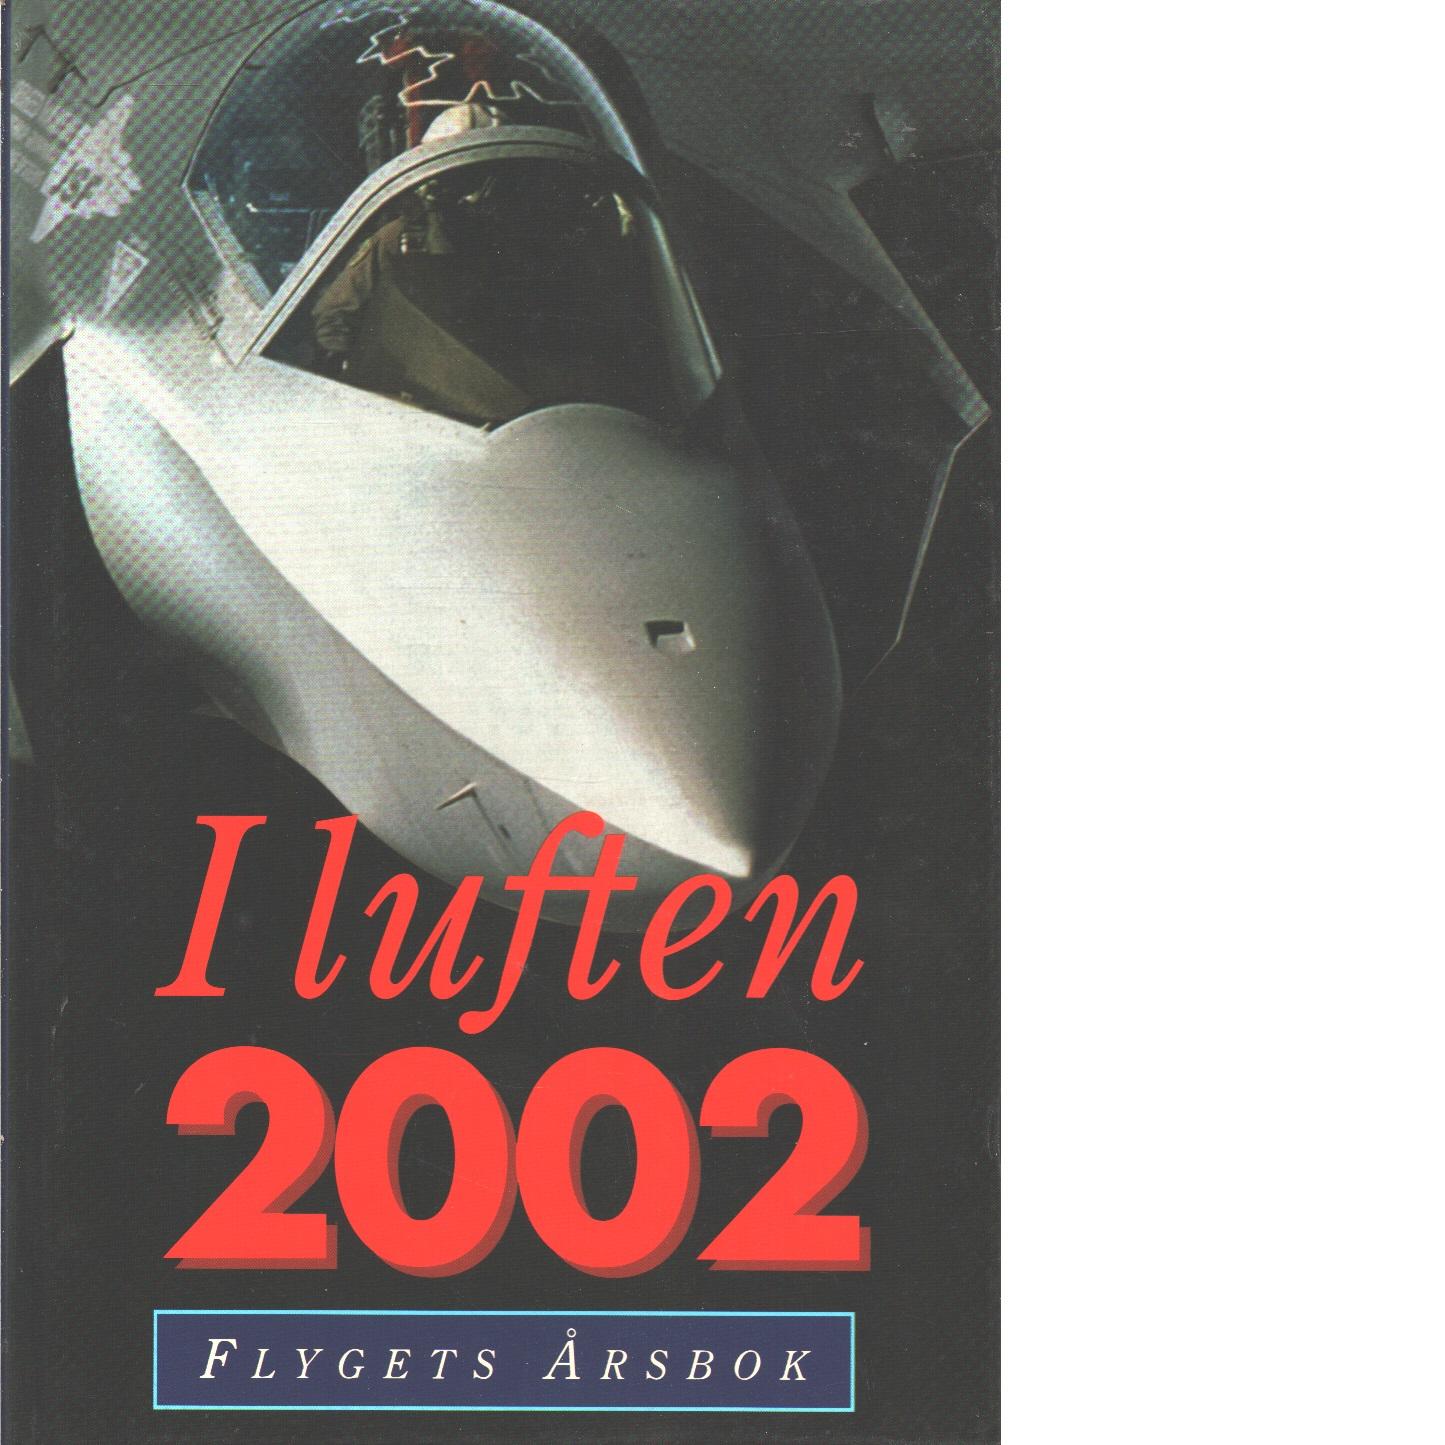 I LUFTEN FLYGETS ÅRSBOK 2002 - Red.